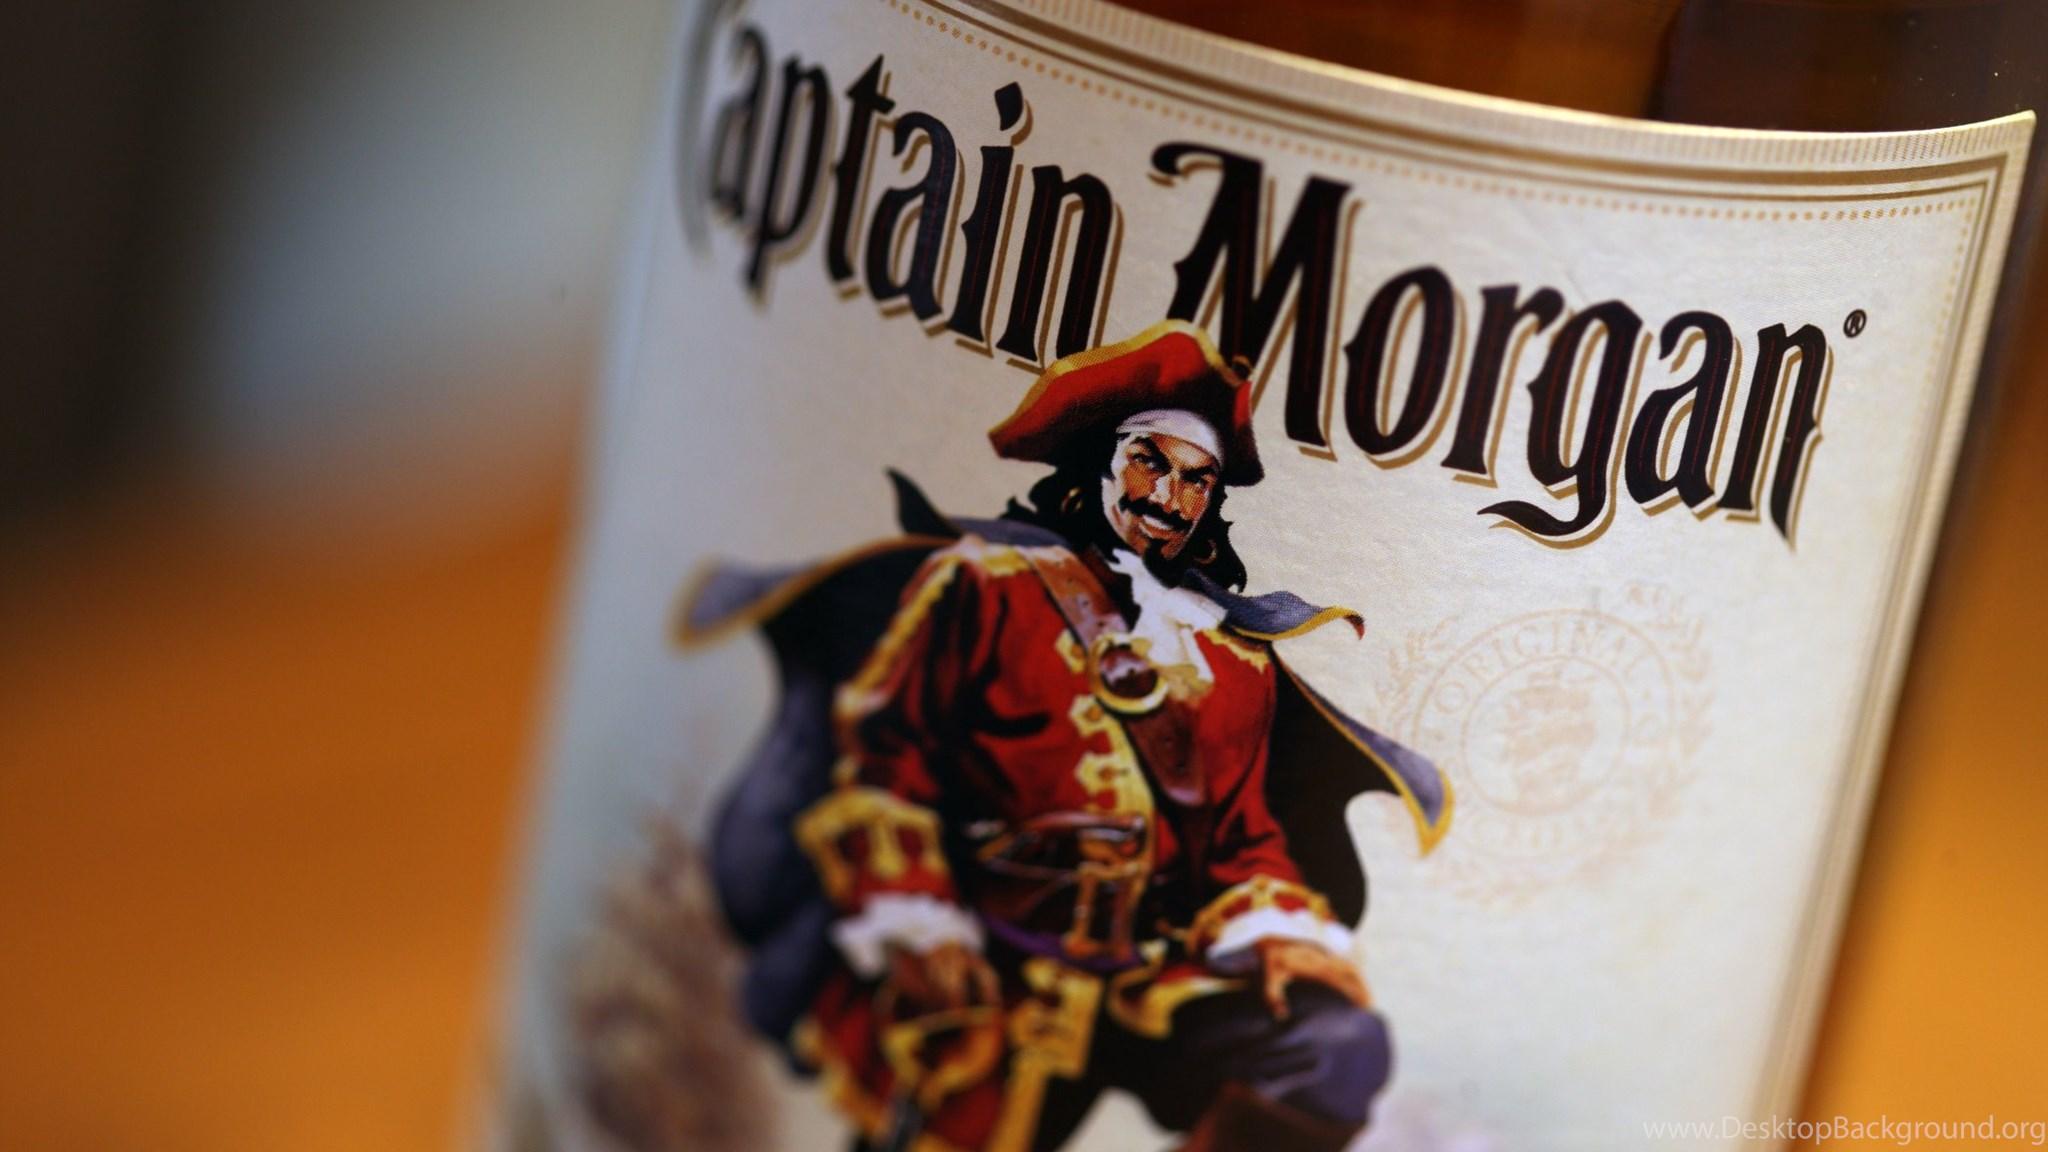 1600x1067px Captain Morgan Desktop Background